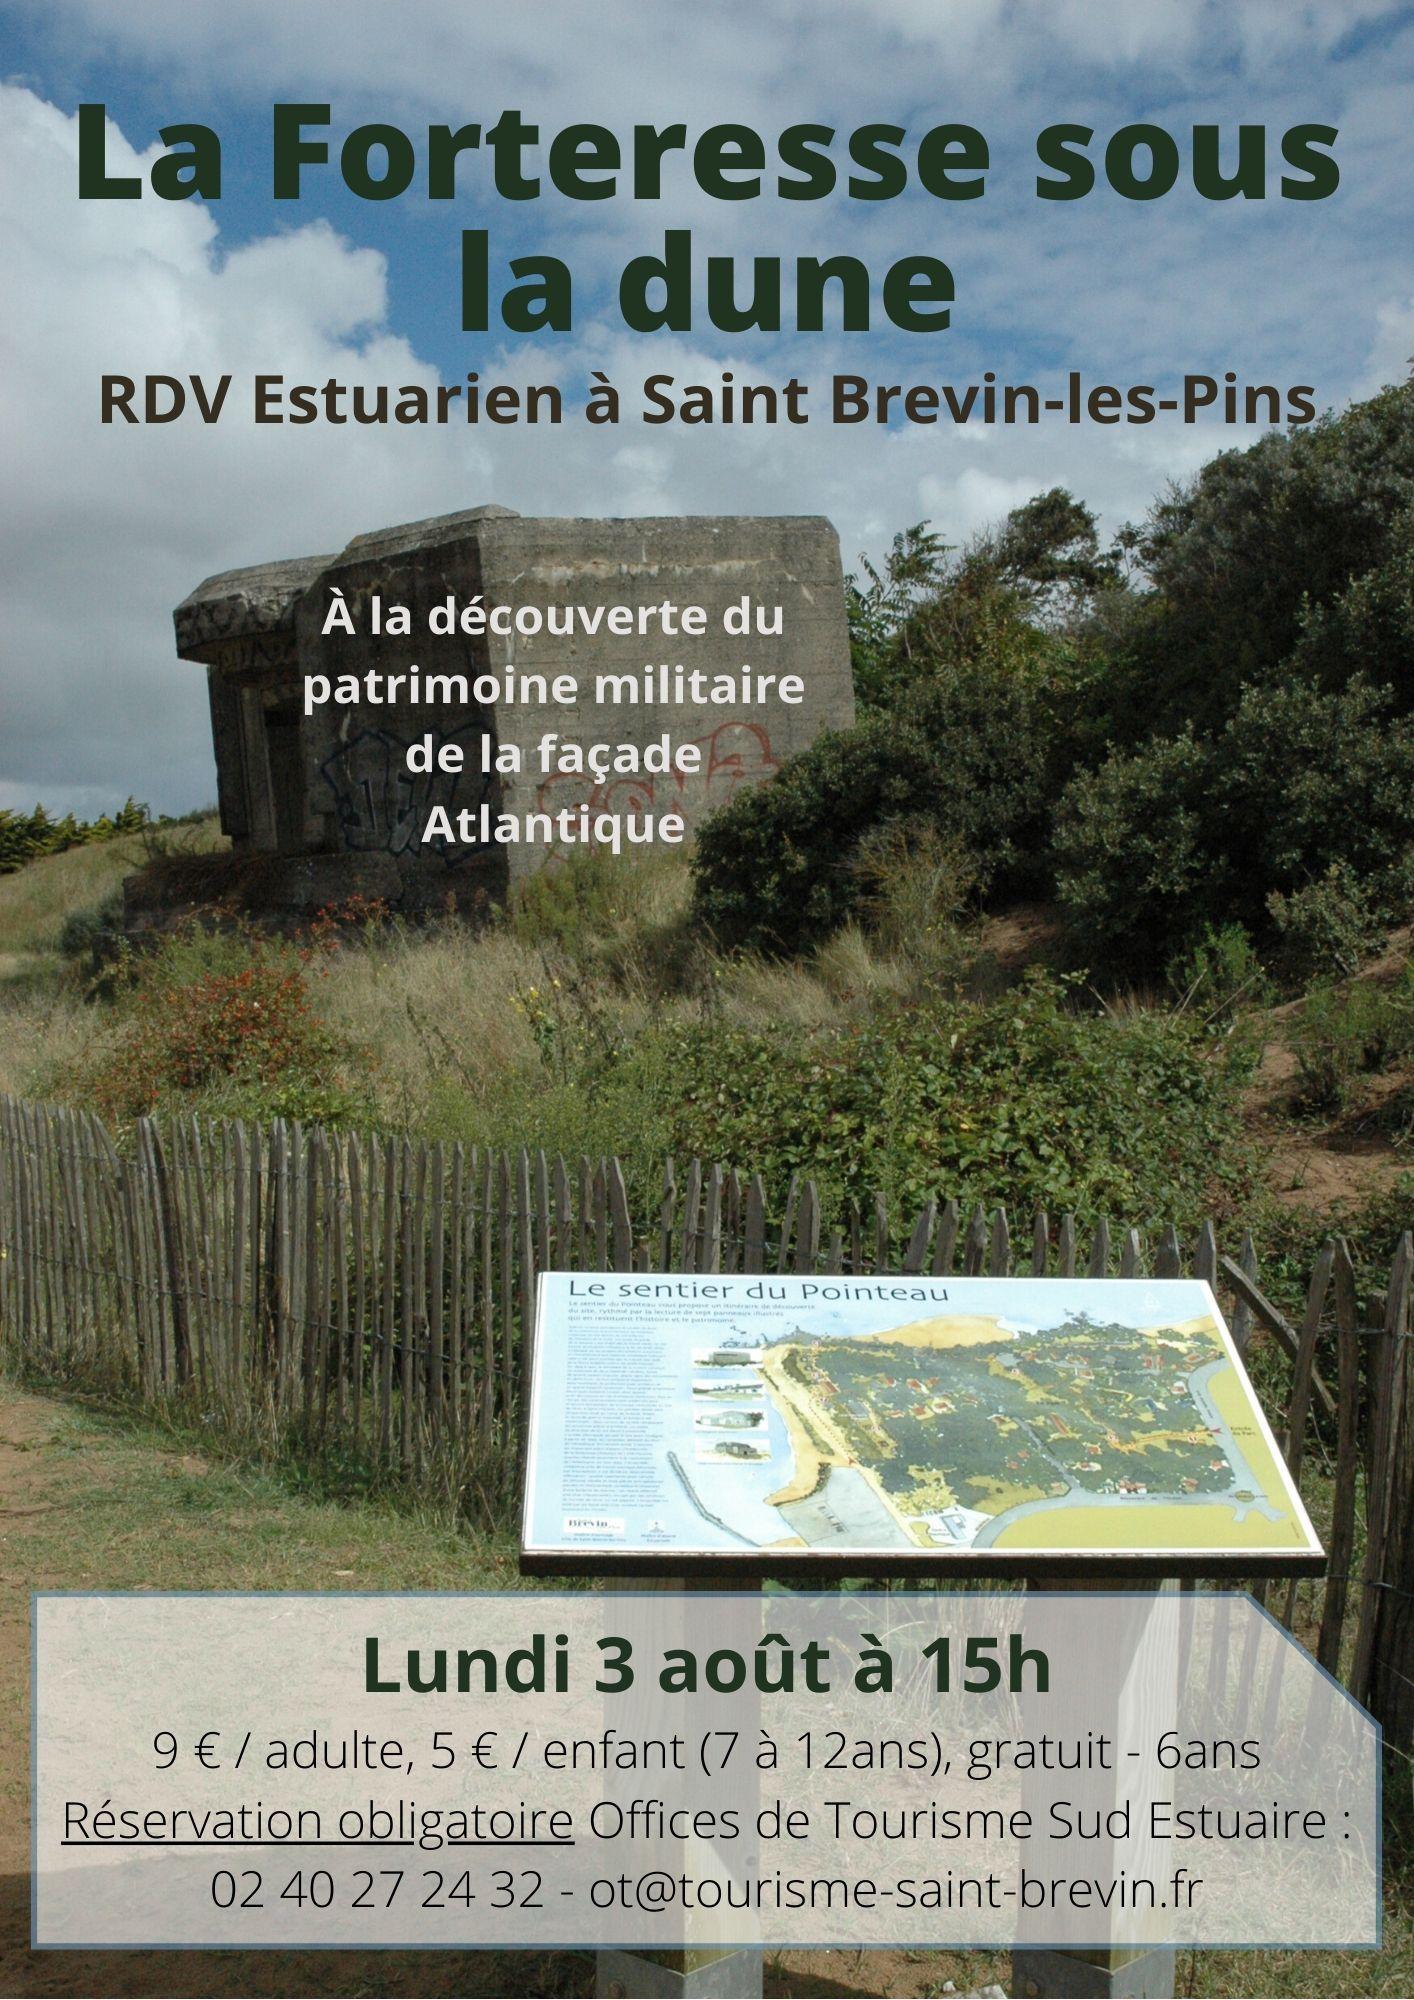 RDV Estuarien aout 2020 - Forteresse sous la dune - ST BREVIN